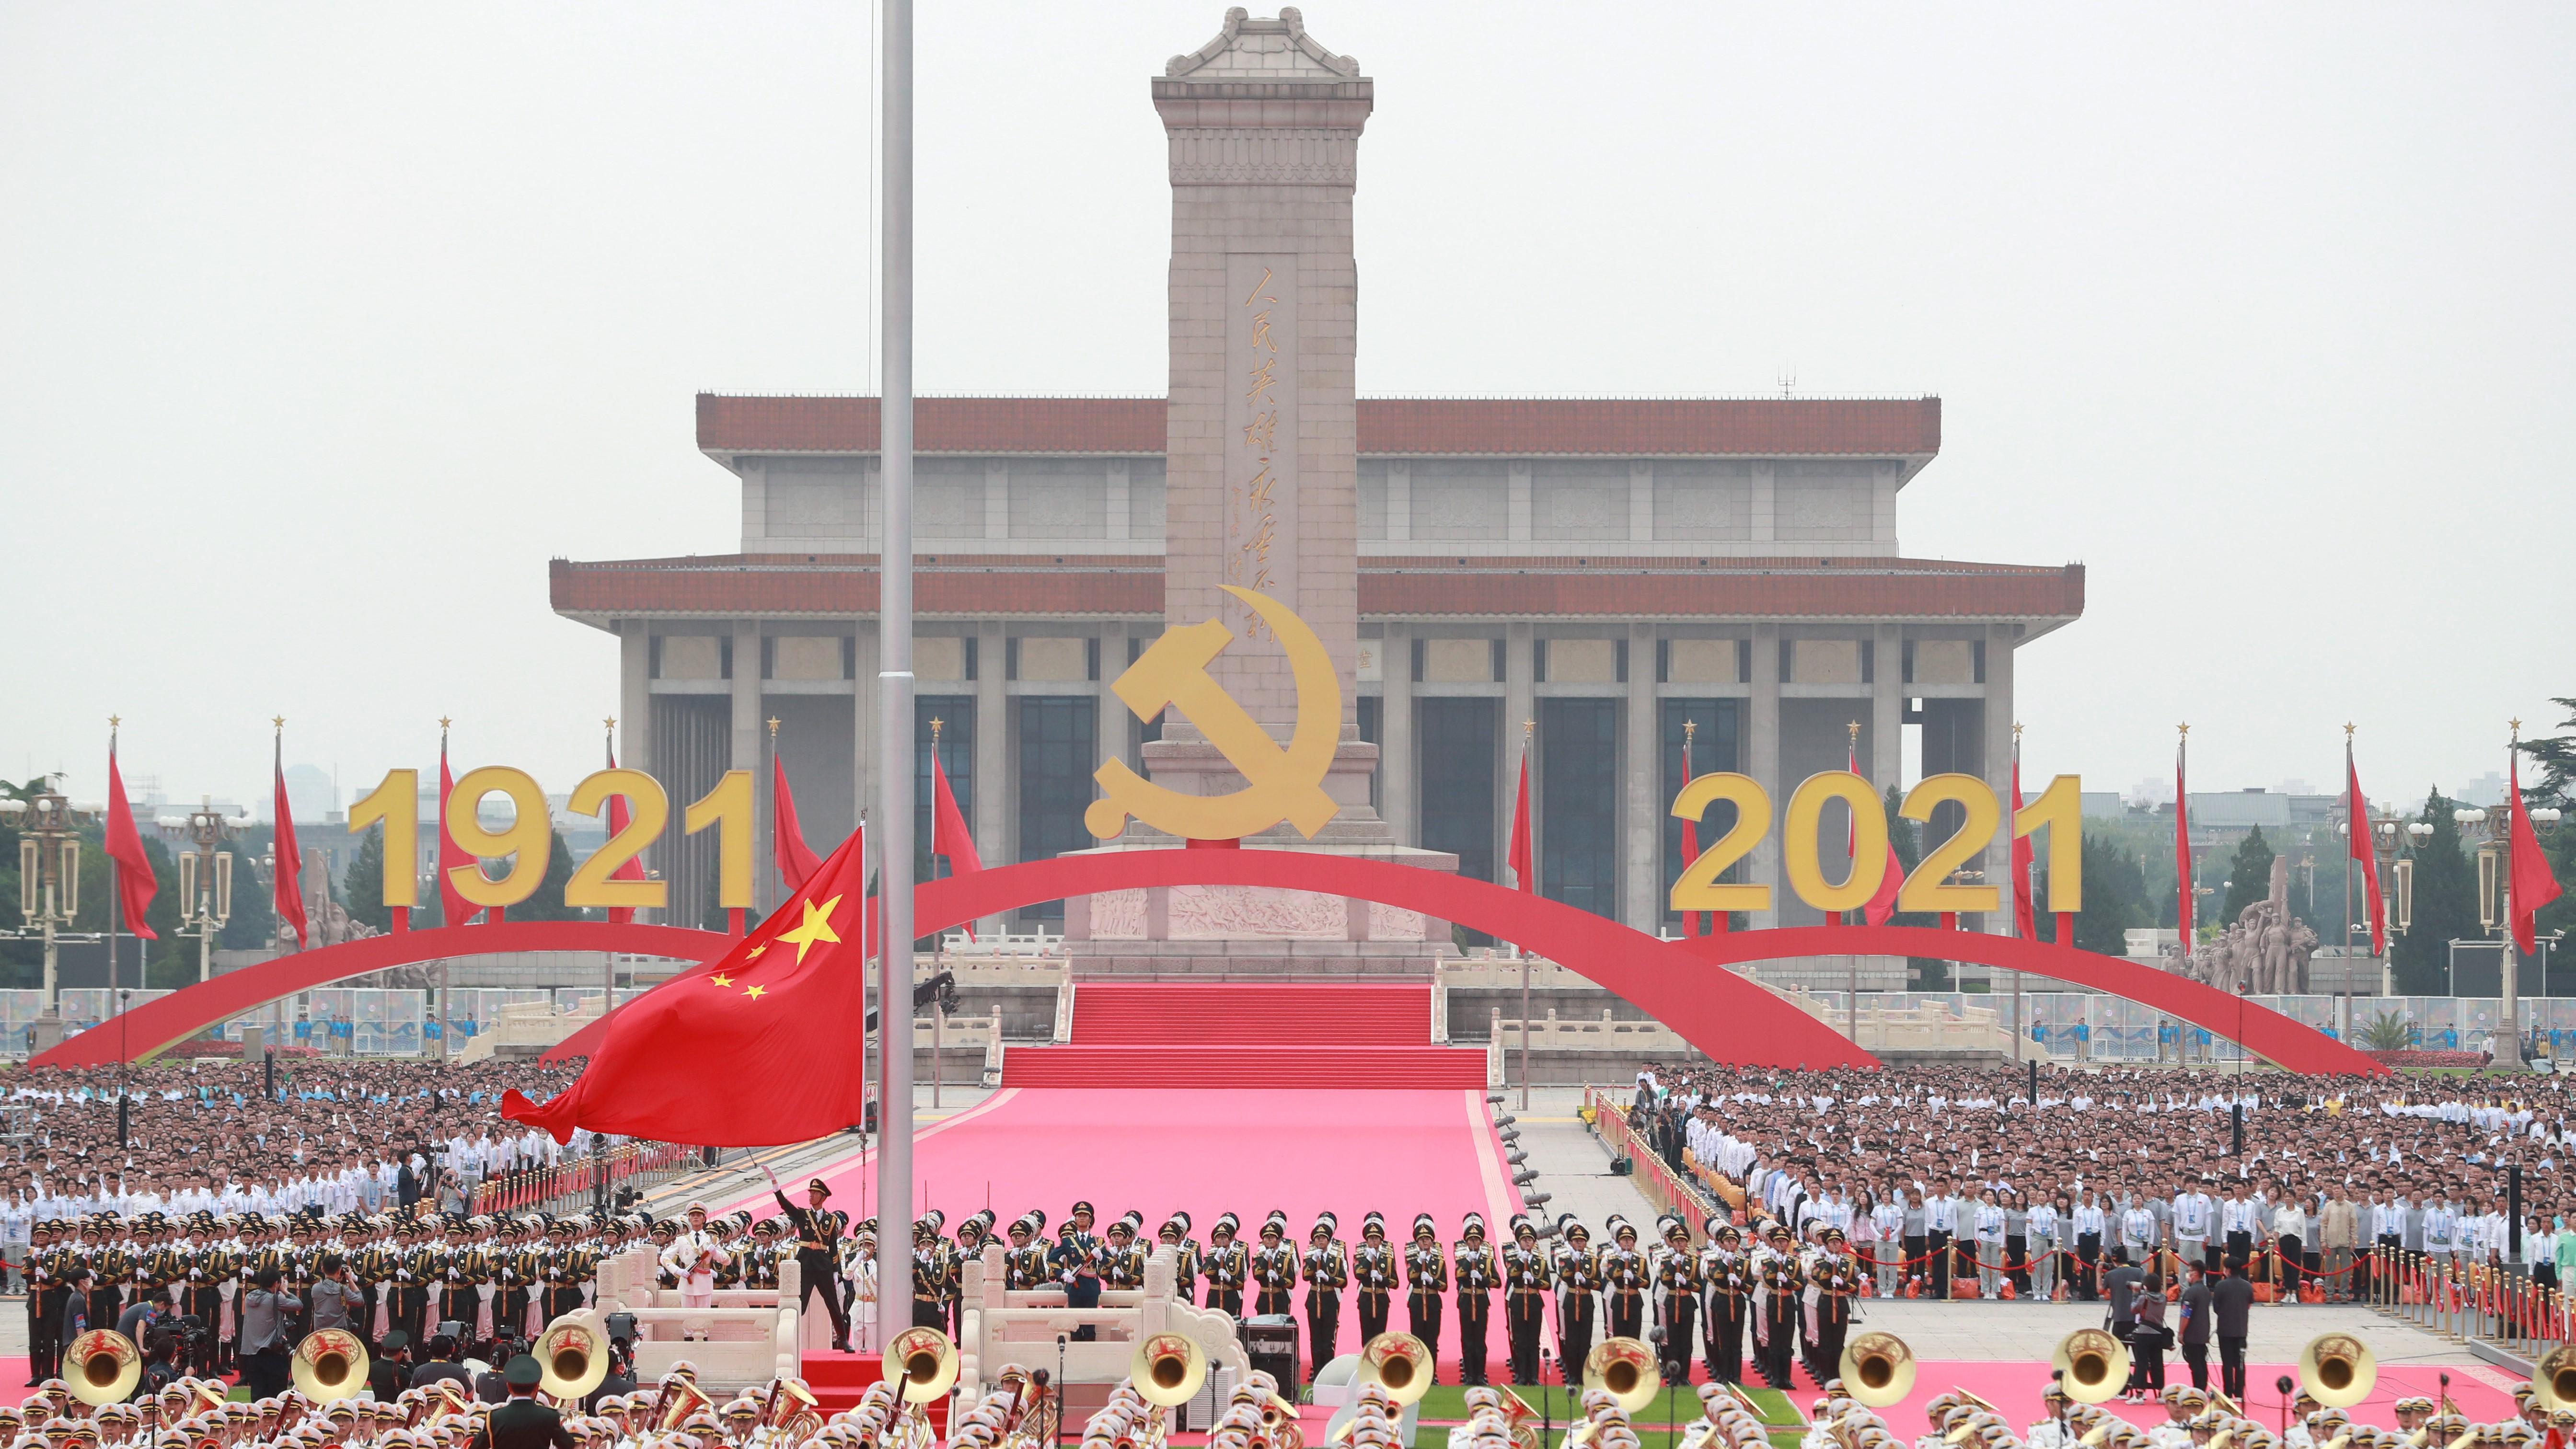 【周文港】為人民服務的主題,貫穿百年黨慶